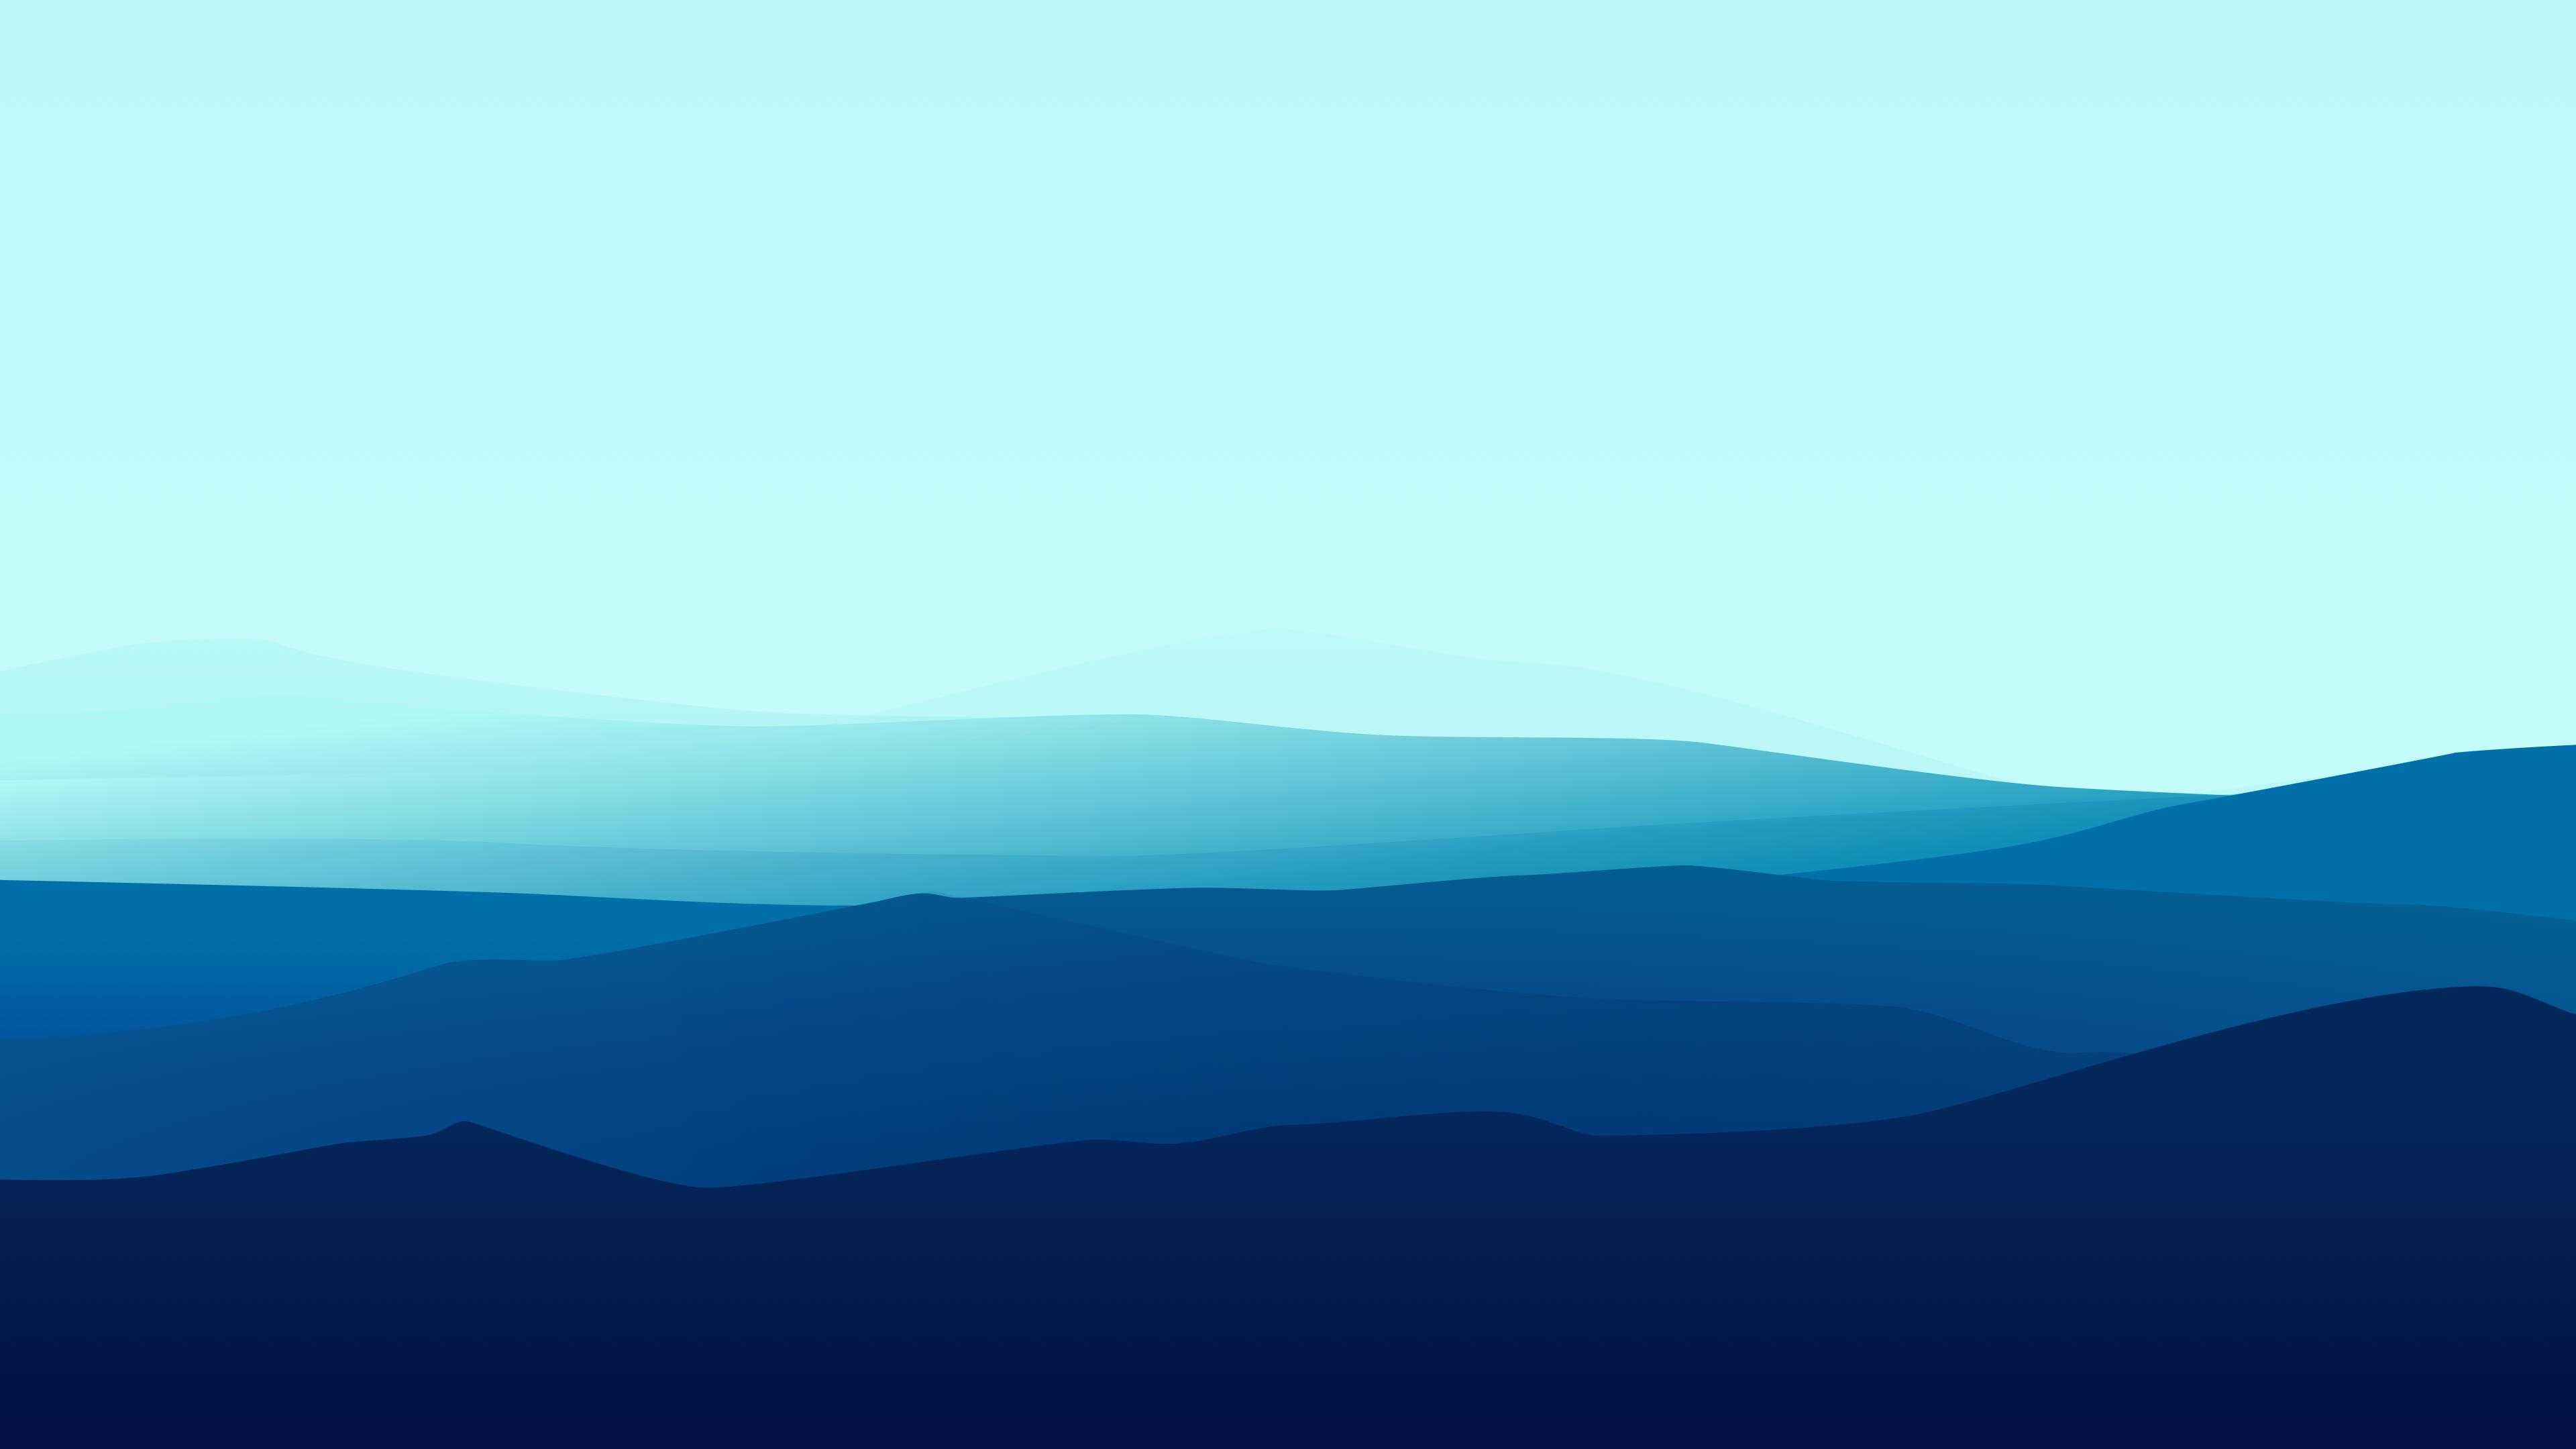 Minimalism Mountain Peak Full Hd Wallpaper: Alex-Muench-Minimalist-Wallpaper-Desktop-1920x1080.png